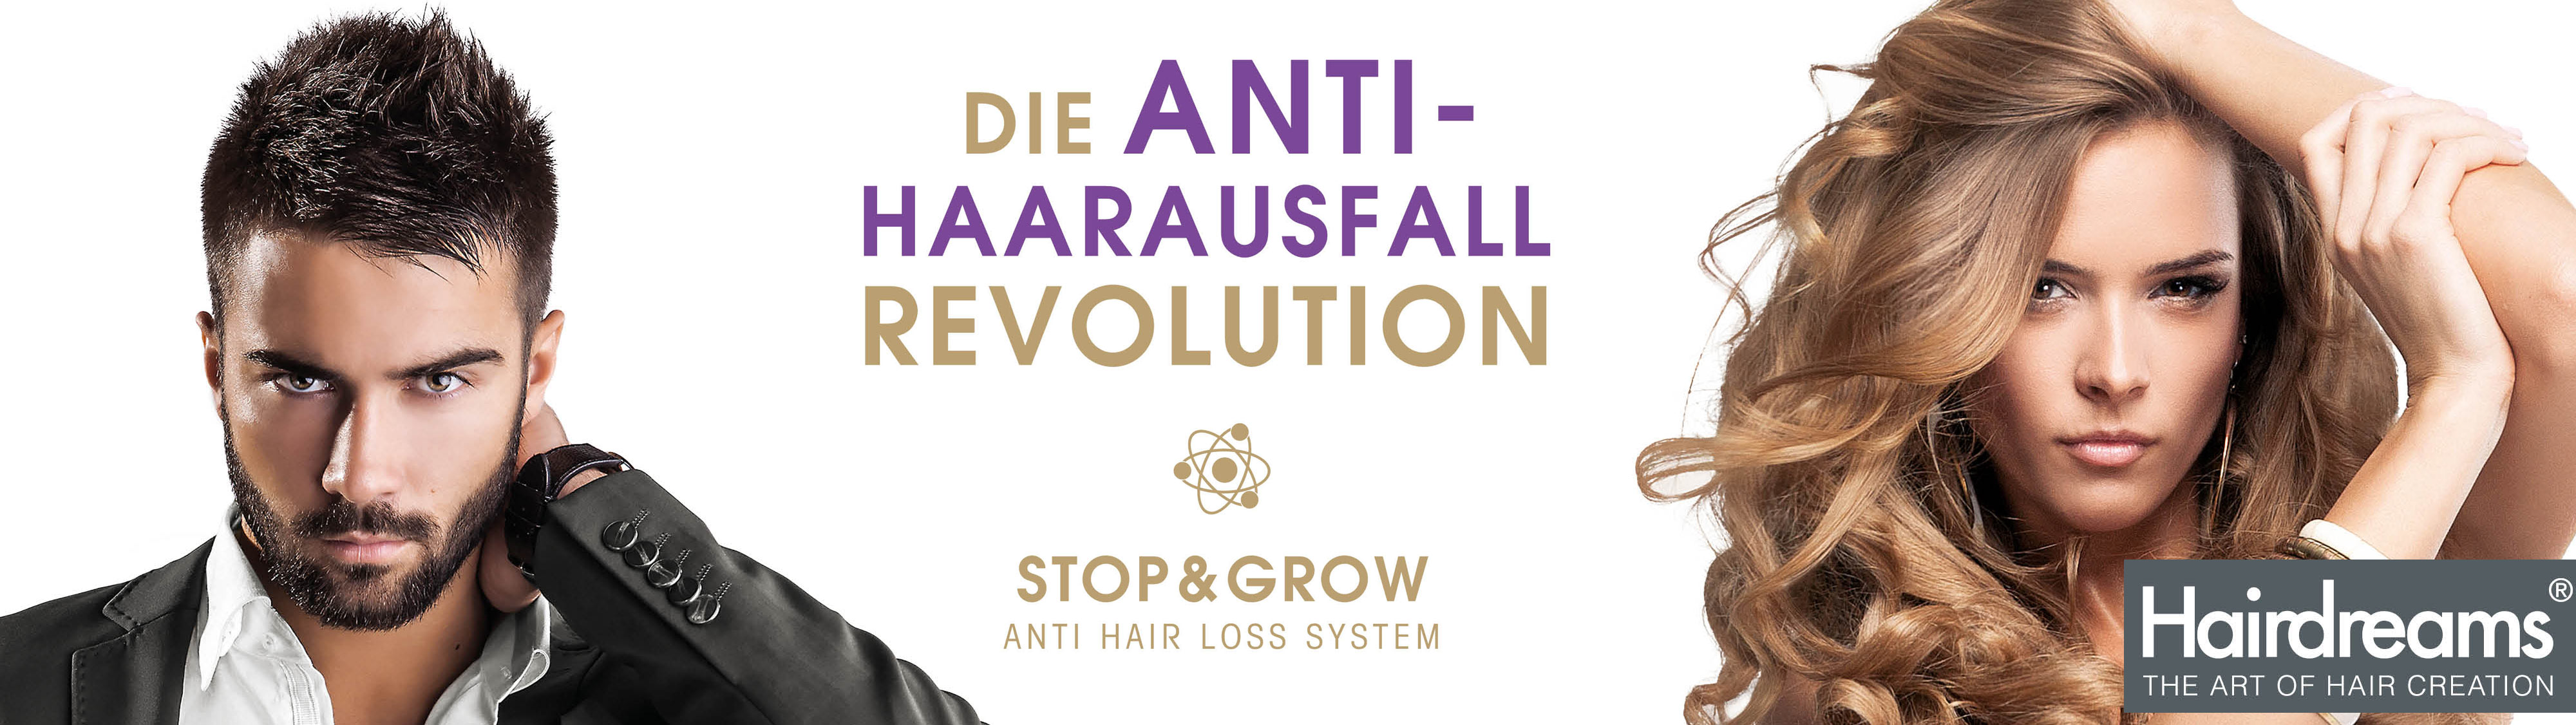 Ultraschall haarverlangerung bielefeld